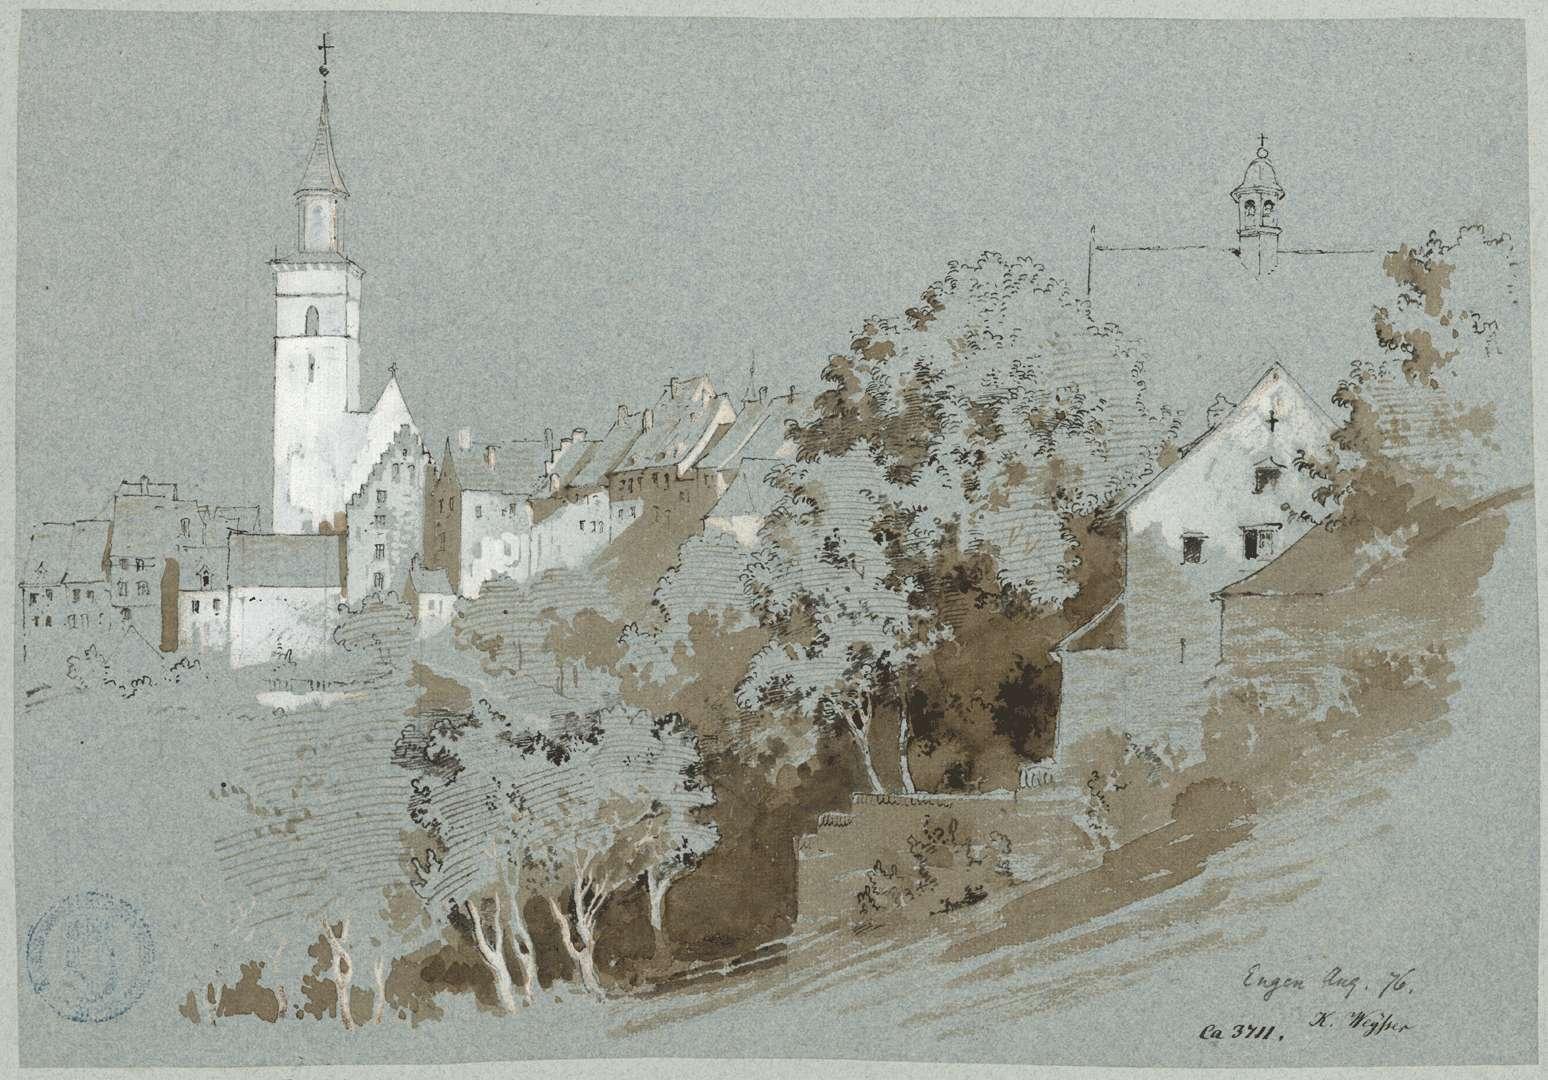 Engen Blick auf Stadt und Kirche, Bild 1